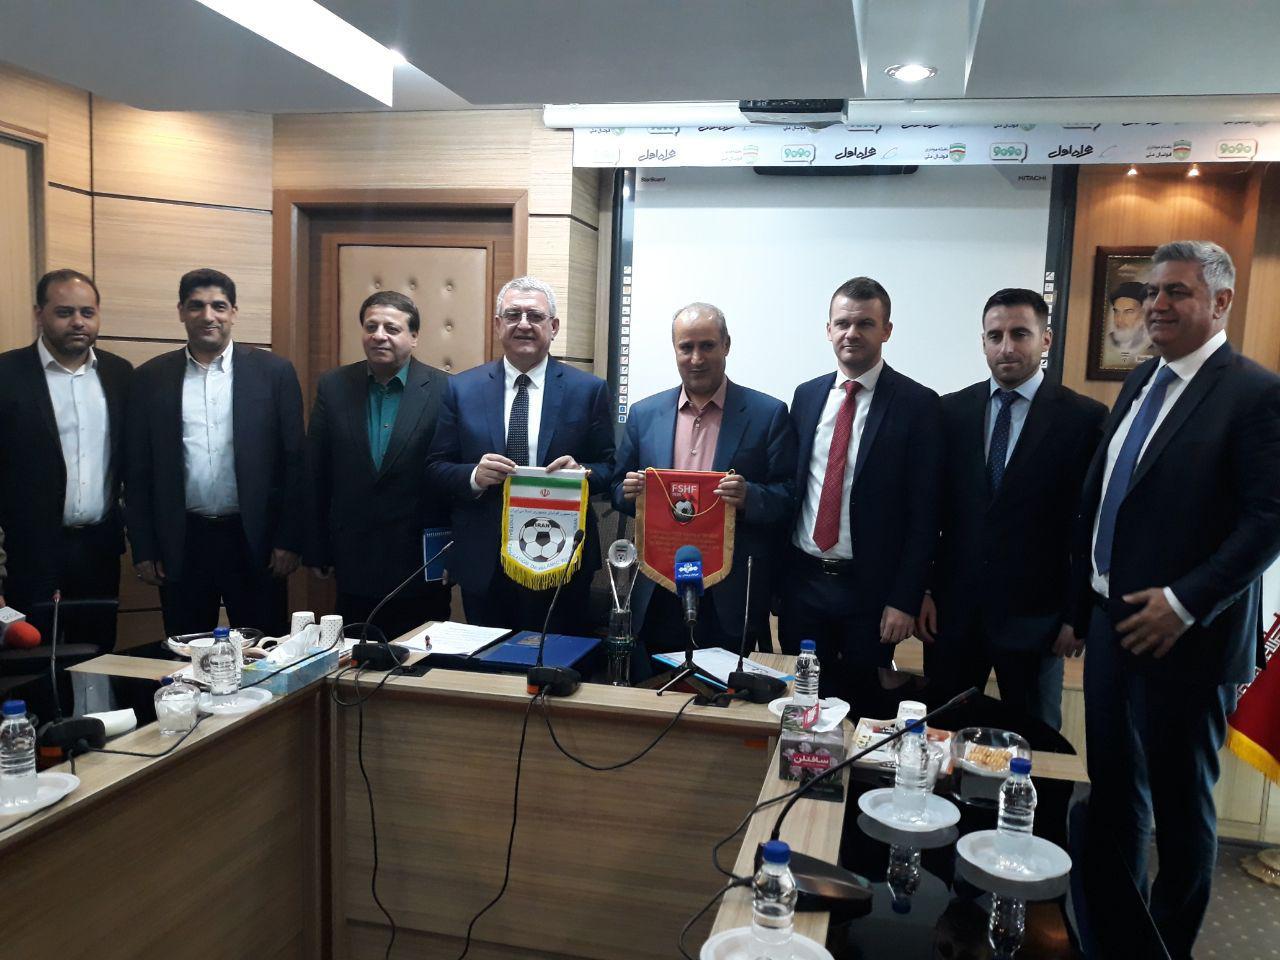 صحبت روسای فدراسیون های فوتبال ایران و آلبانی پس از امضای تفاهم نامه همکاری + تصاویر